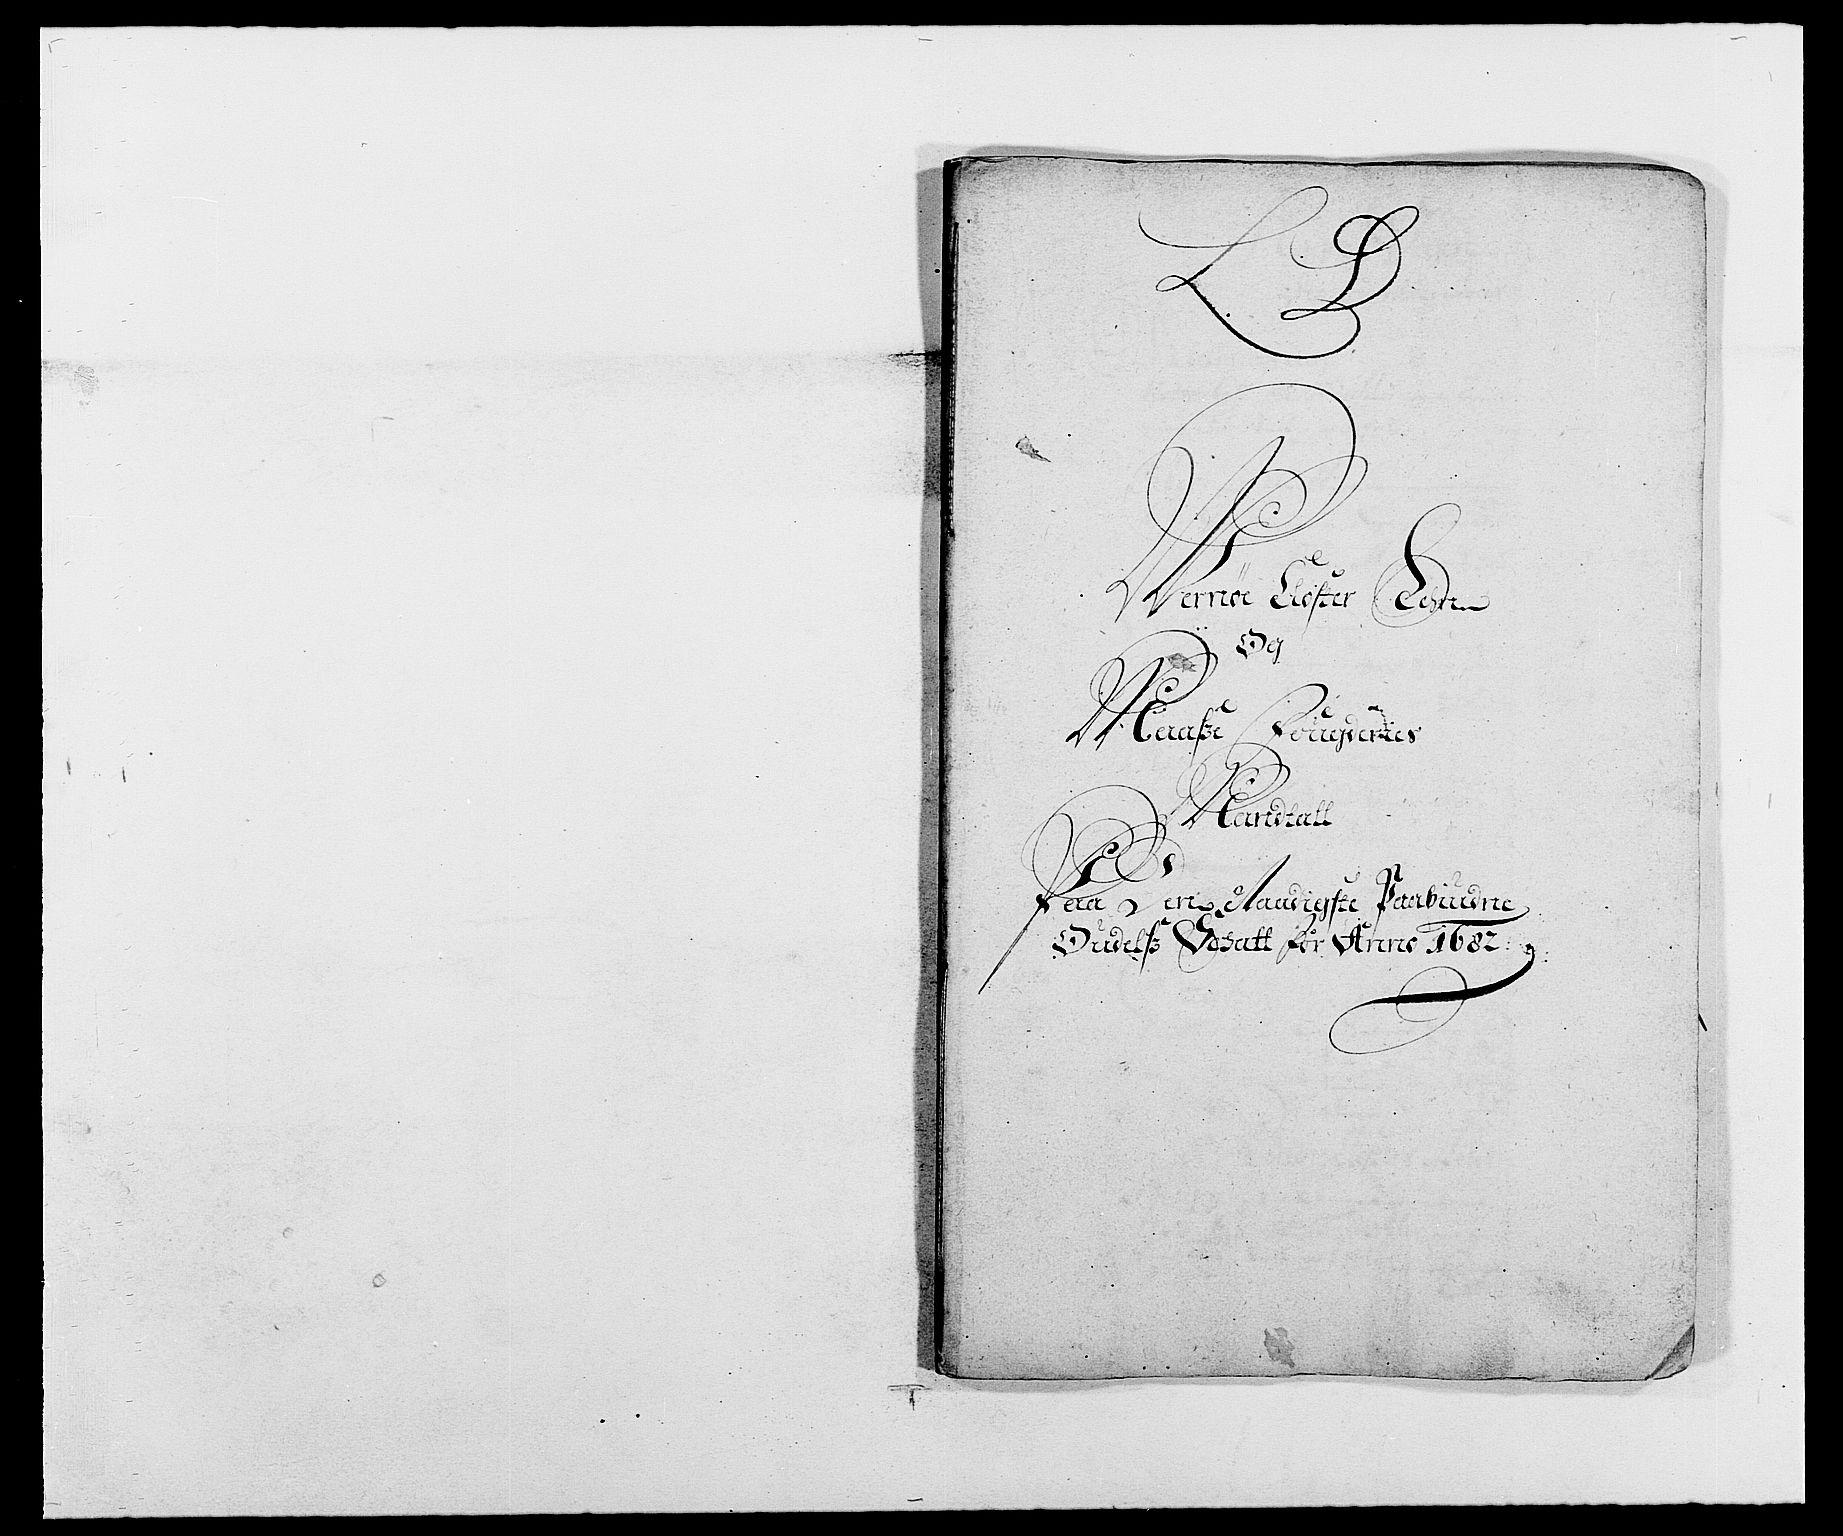 RA, Rentekammeret inntil 1814, Reviderte regnskaper, Fogderegnskap, R02/L0103: Fogderegnskap Moss og Verne kloster, 1682-1684, s. 176